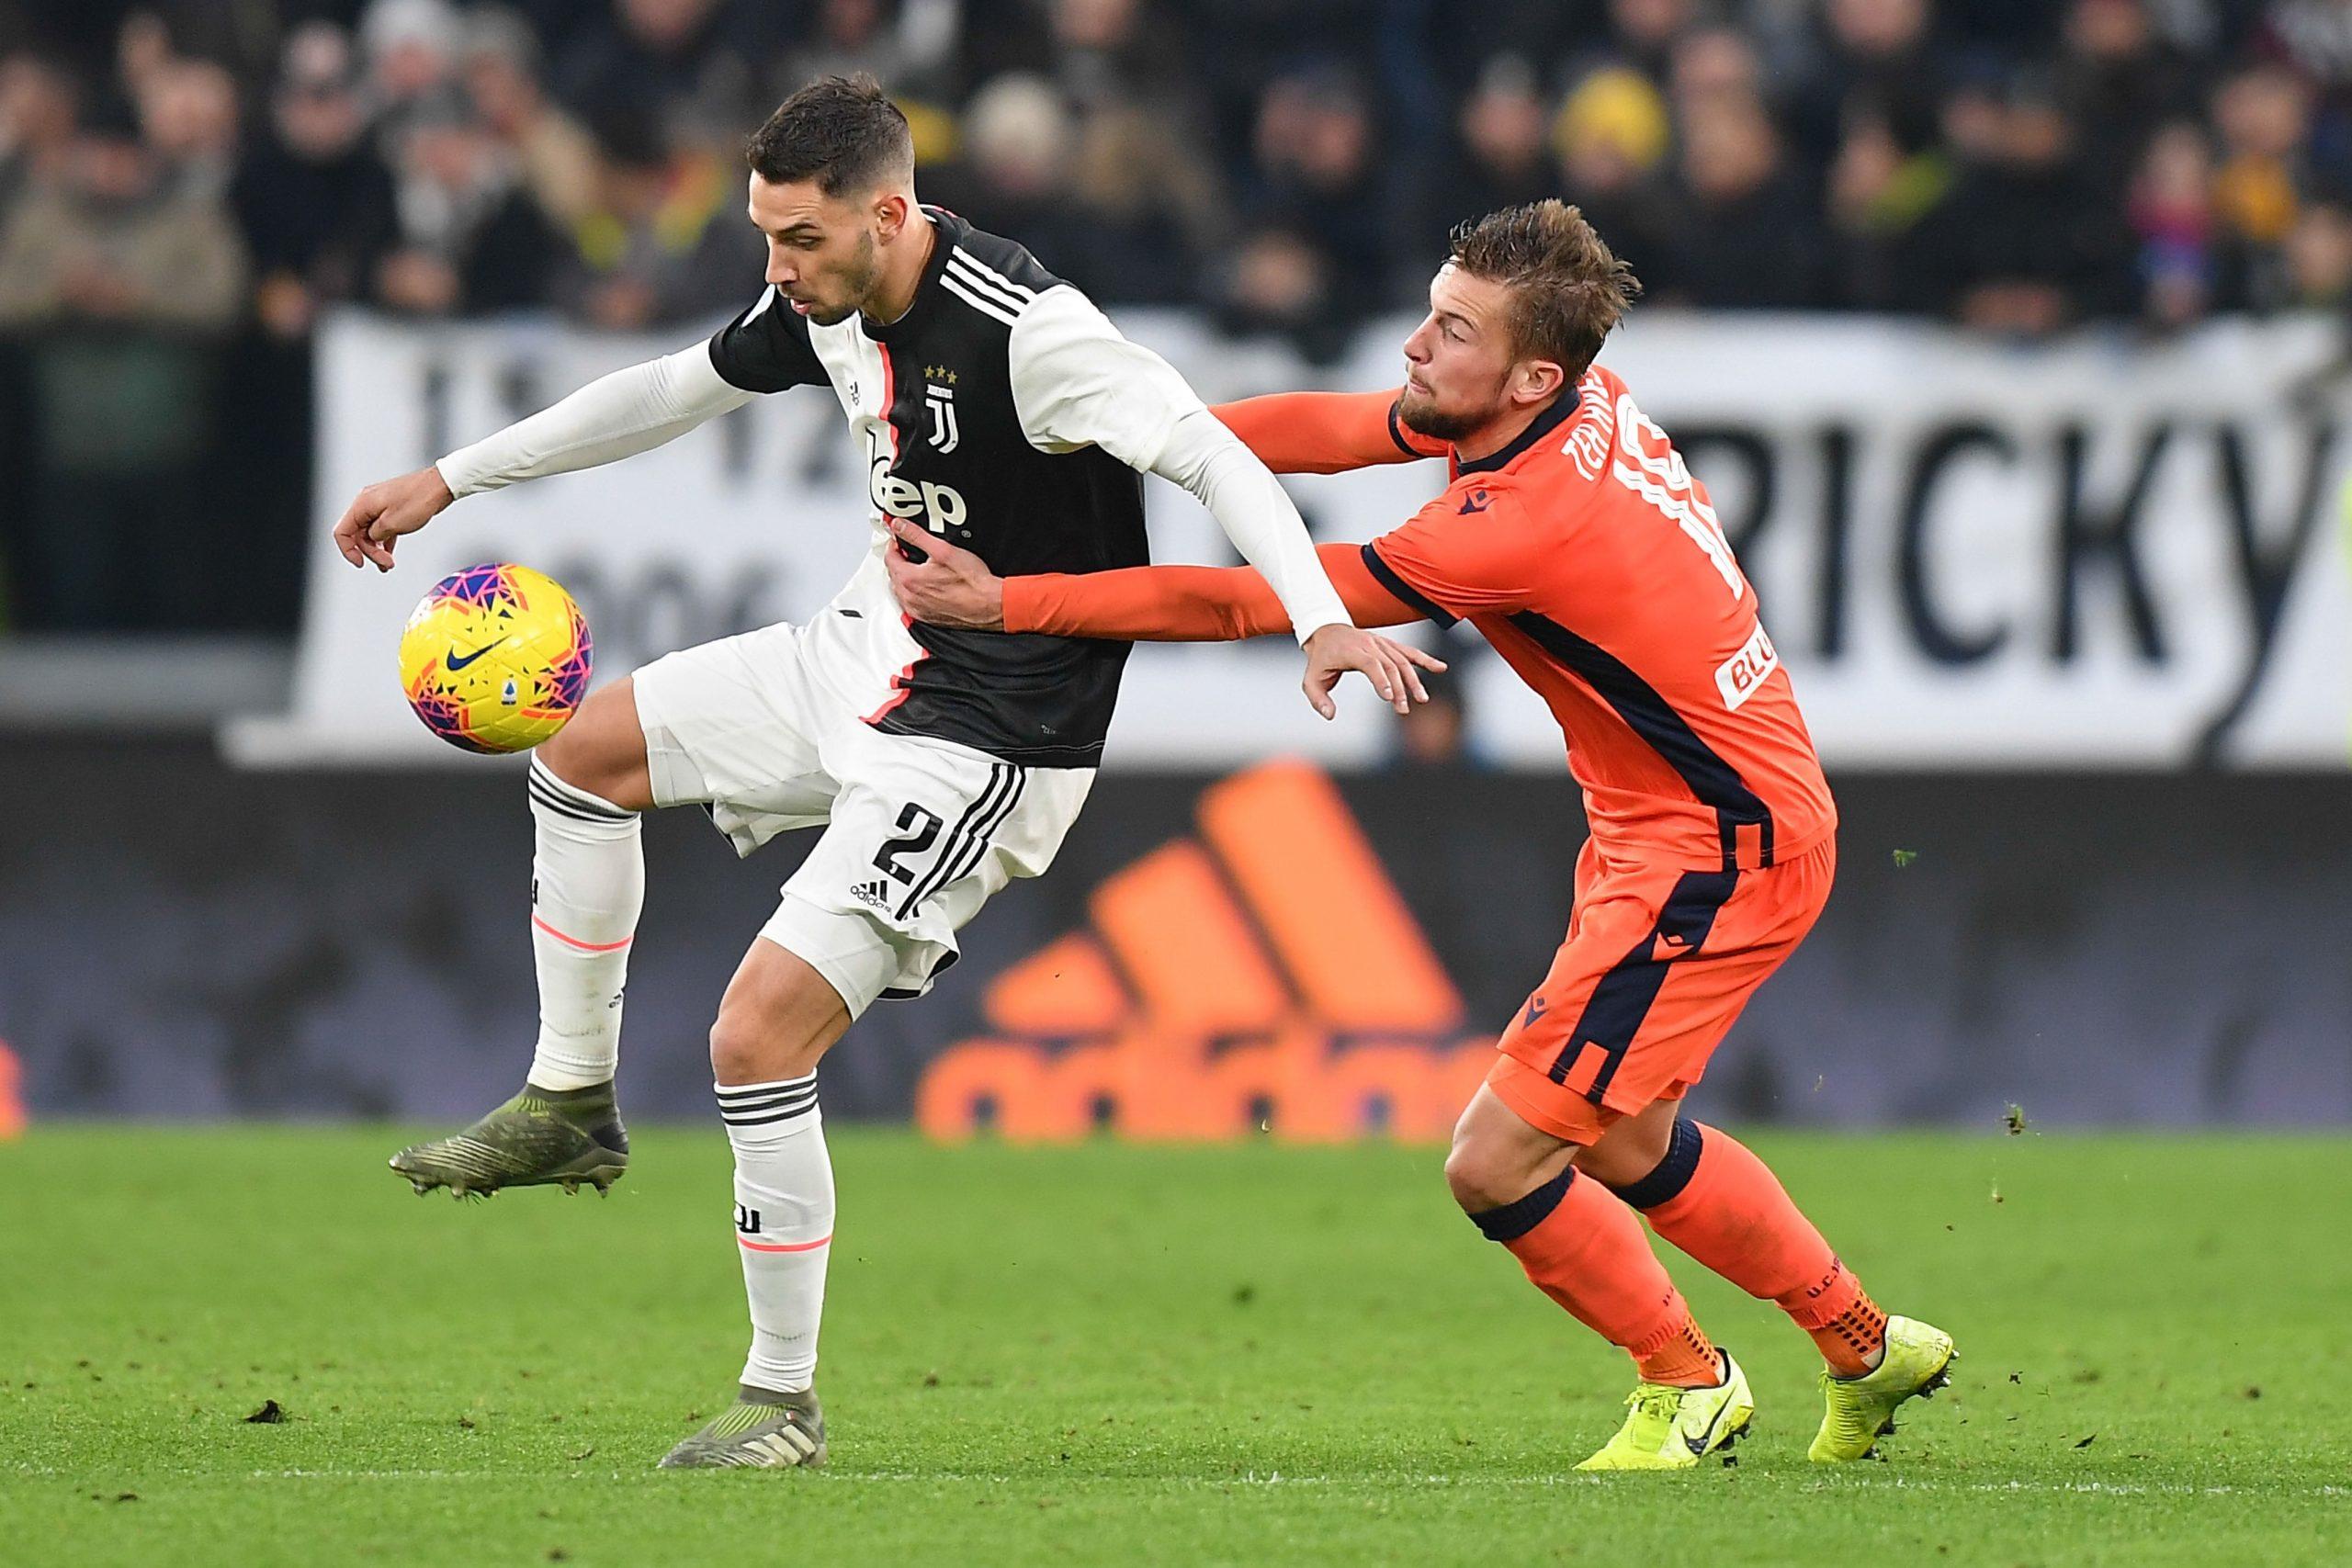 Mercato - La Juventus veut des millions en plus de Kurzawa pour De Sciglio, indique Le Parisien